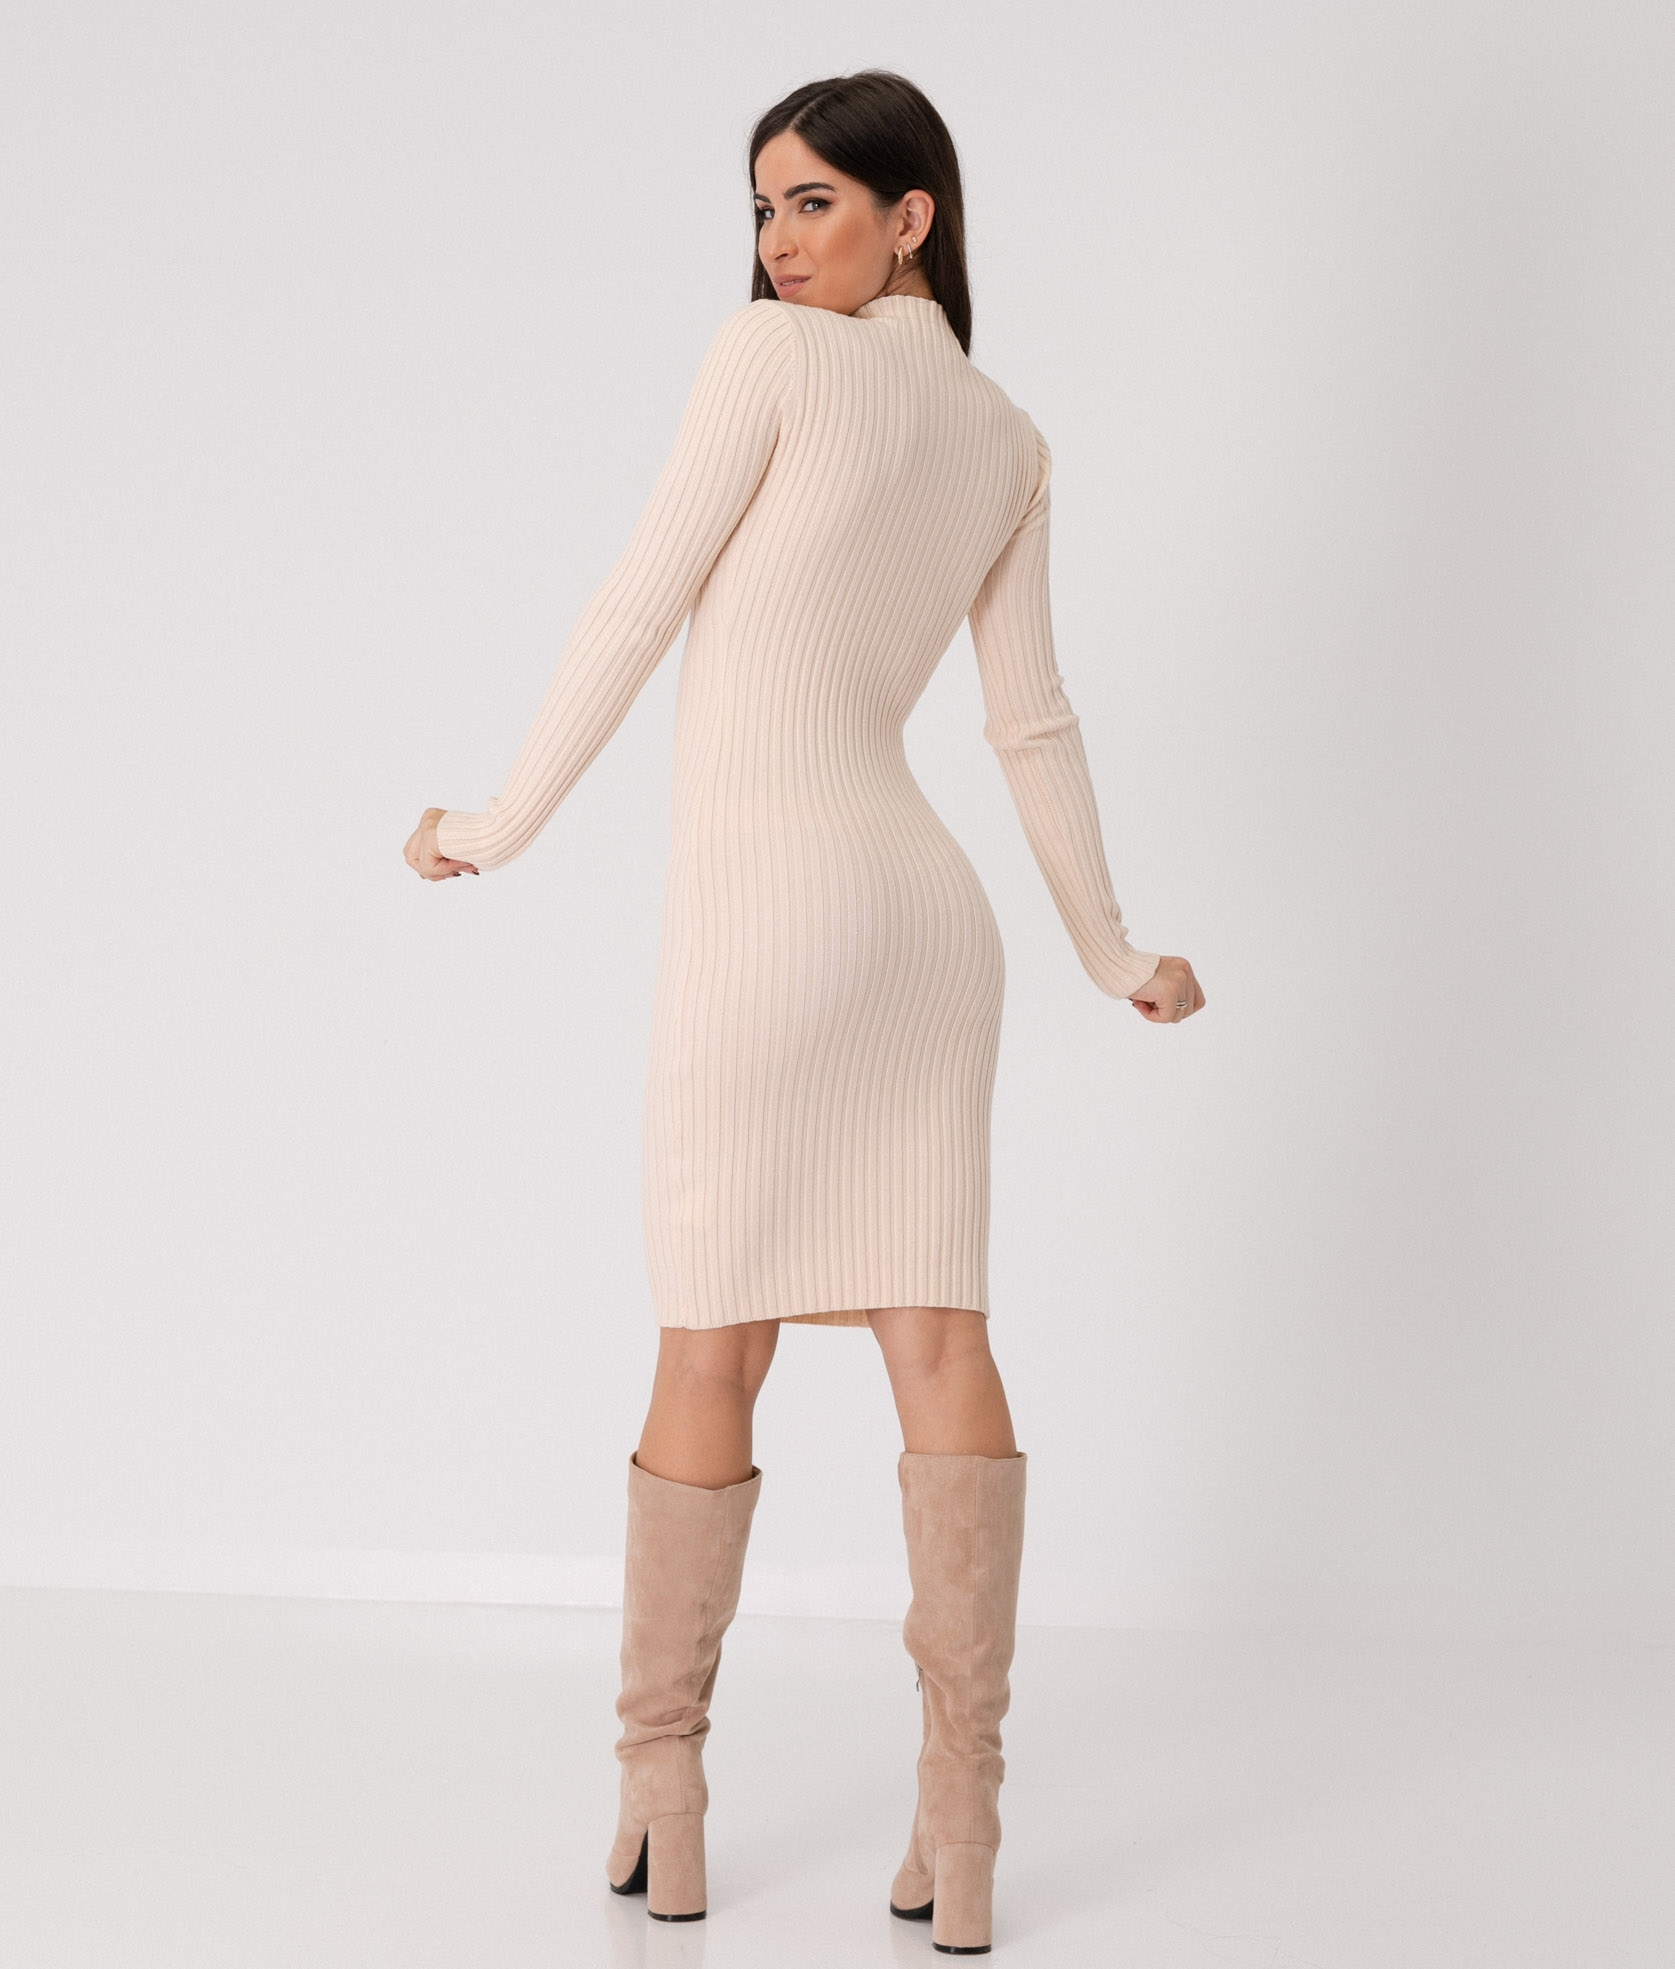 YUNCALE DRESS - BEIGE